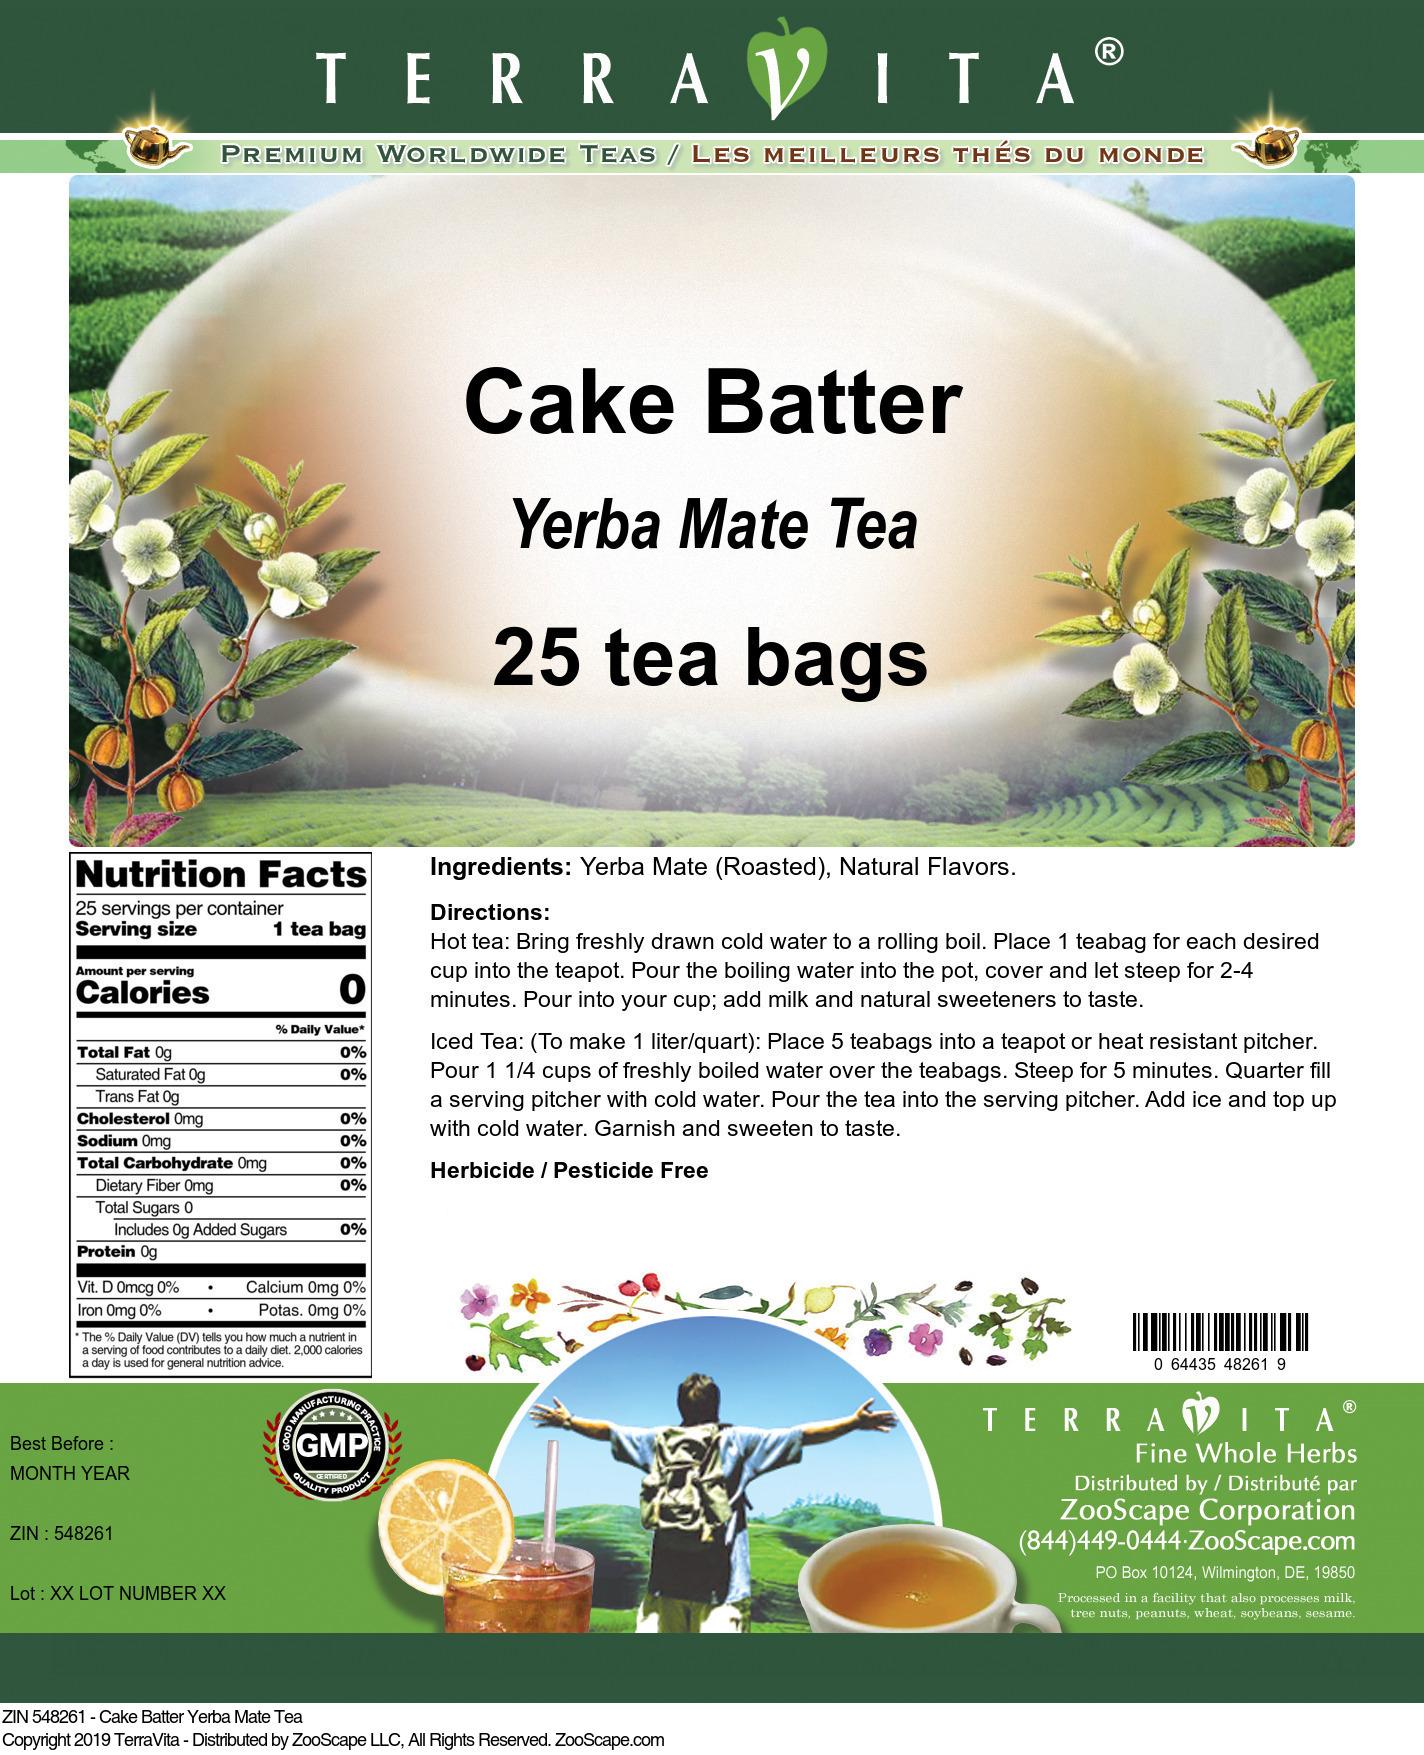 Cake Batter Yerba Mate